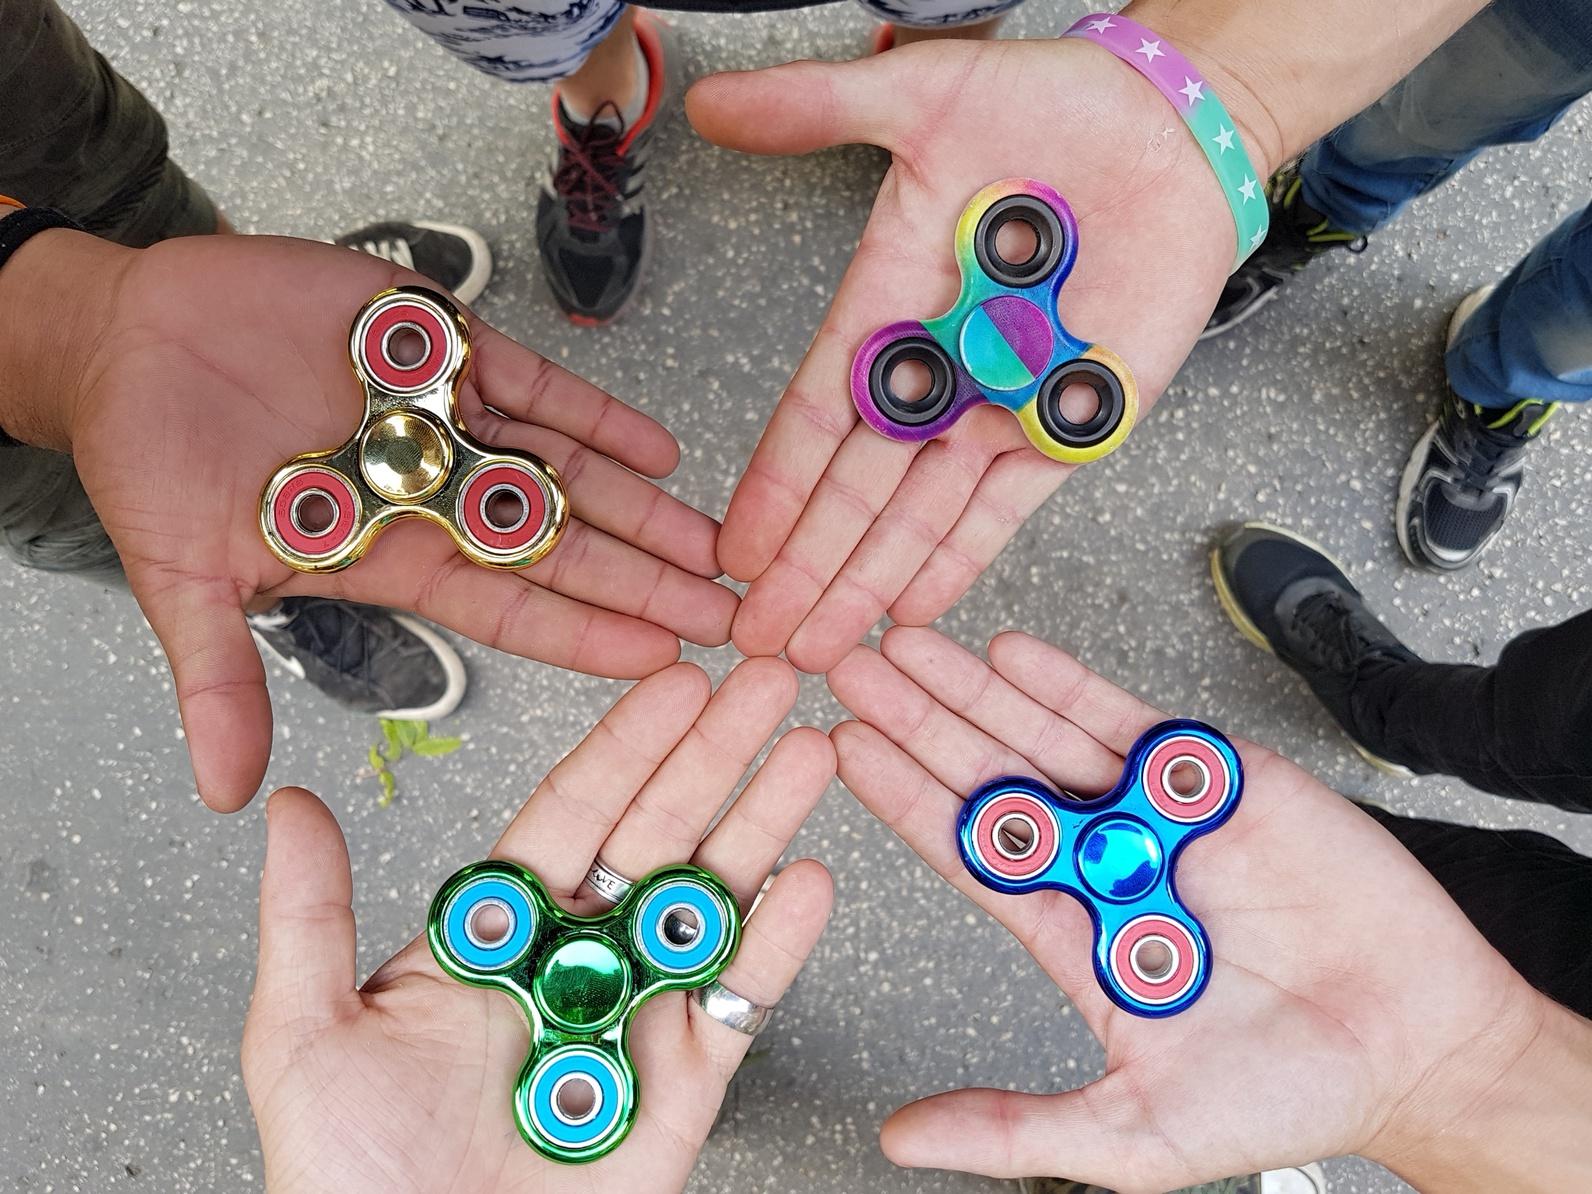 Achtung, Gefahr für Kinder 35.000 Fidget Spinner beschlagnahmt